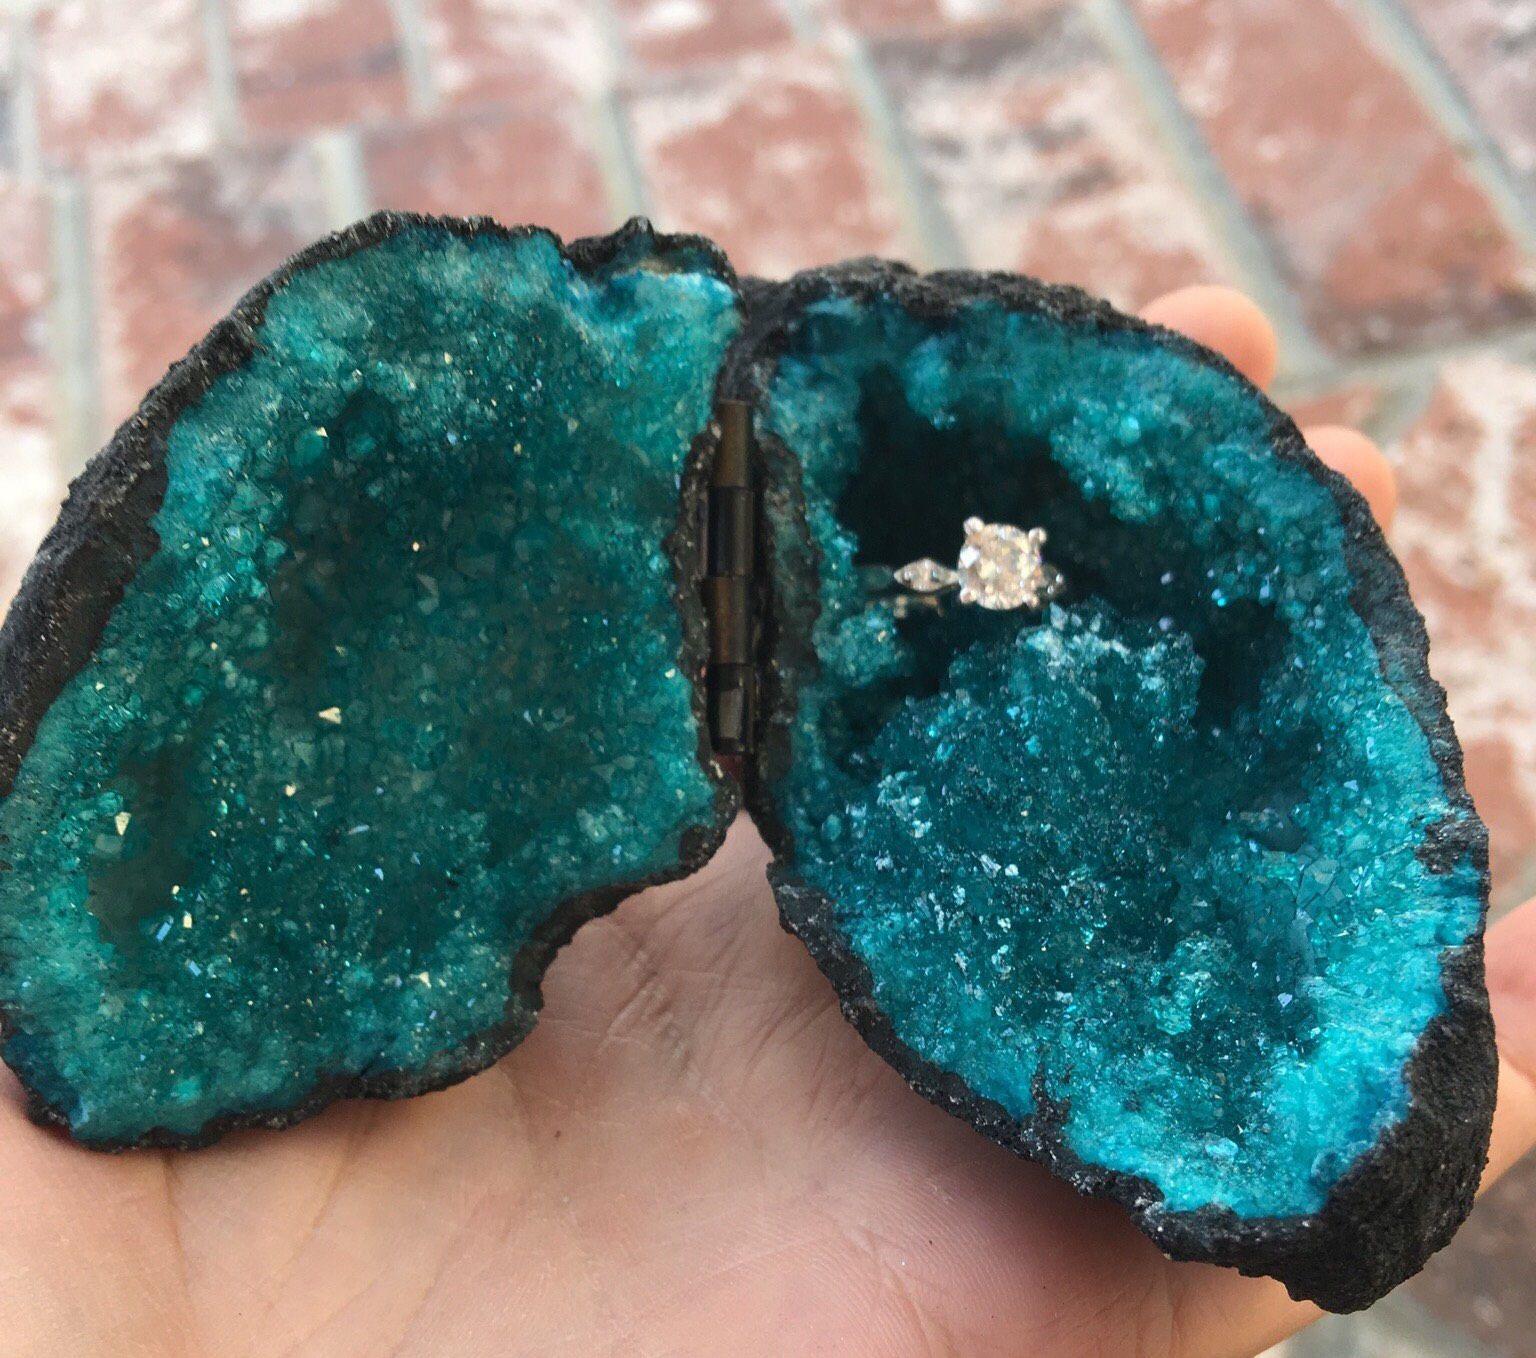 Teal Geode Ring Box Geode Box Proposal Ideas Wedding Ring